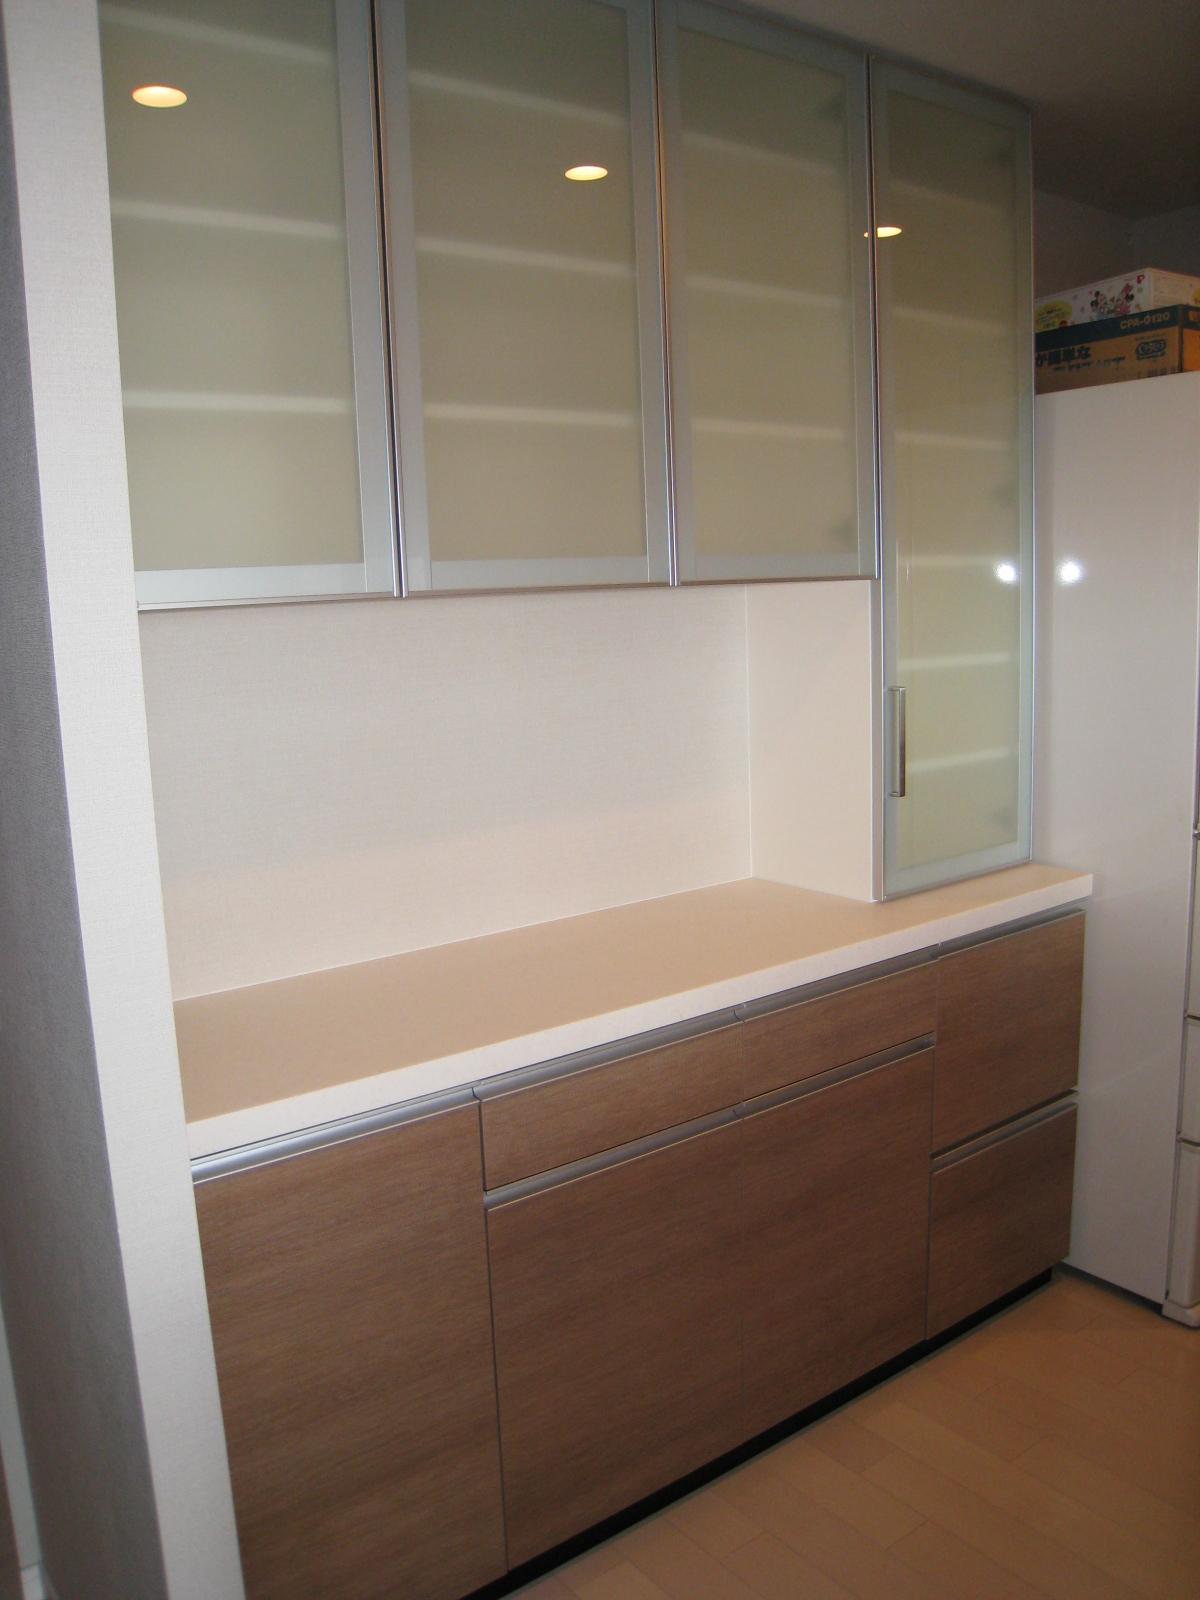 オーダー食器棚 セパレート食器棚 上部吊り戸棚(アルミフレーム式ガラス) 下部(天然御... オ